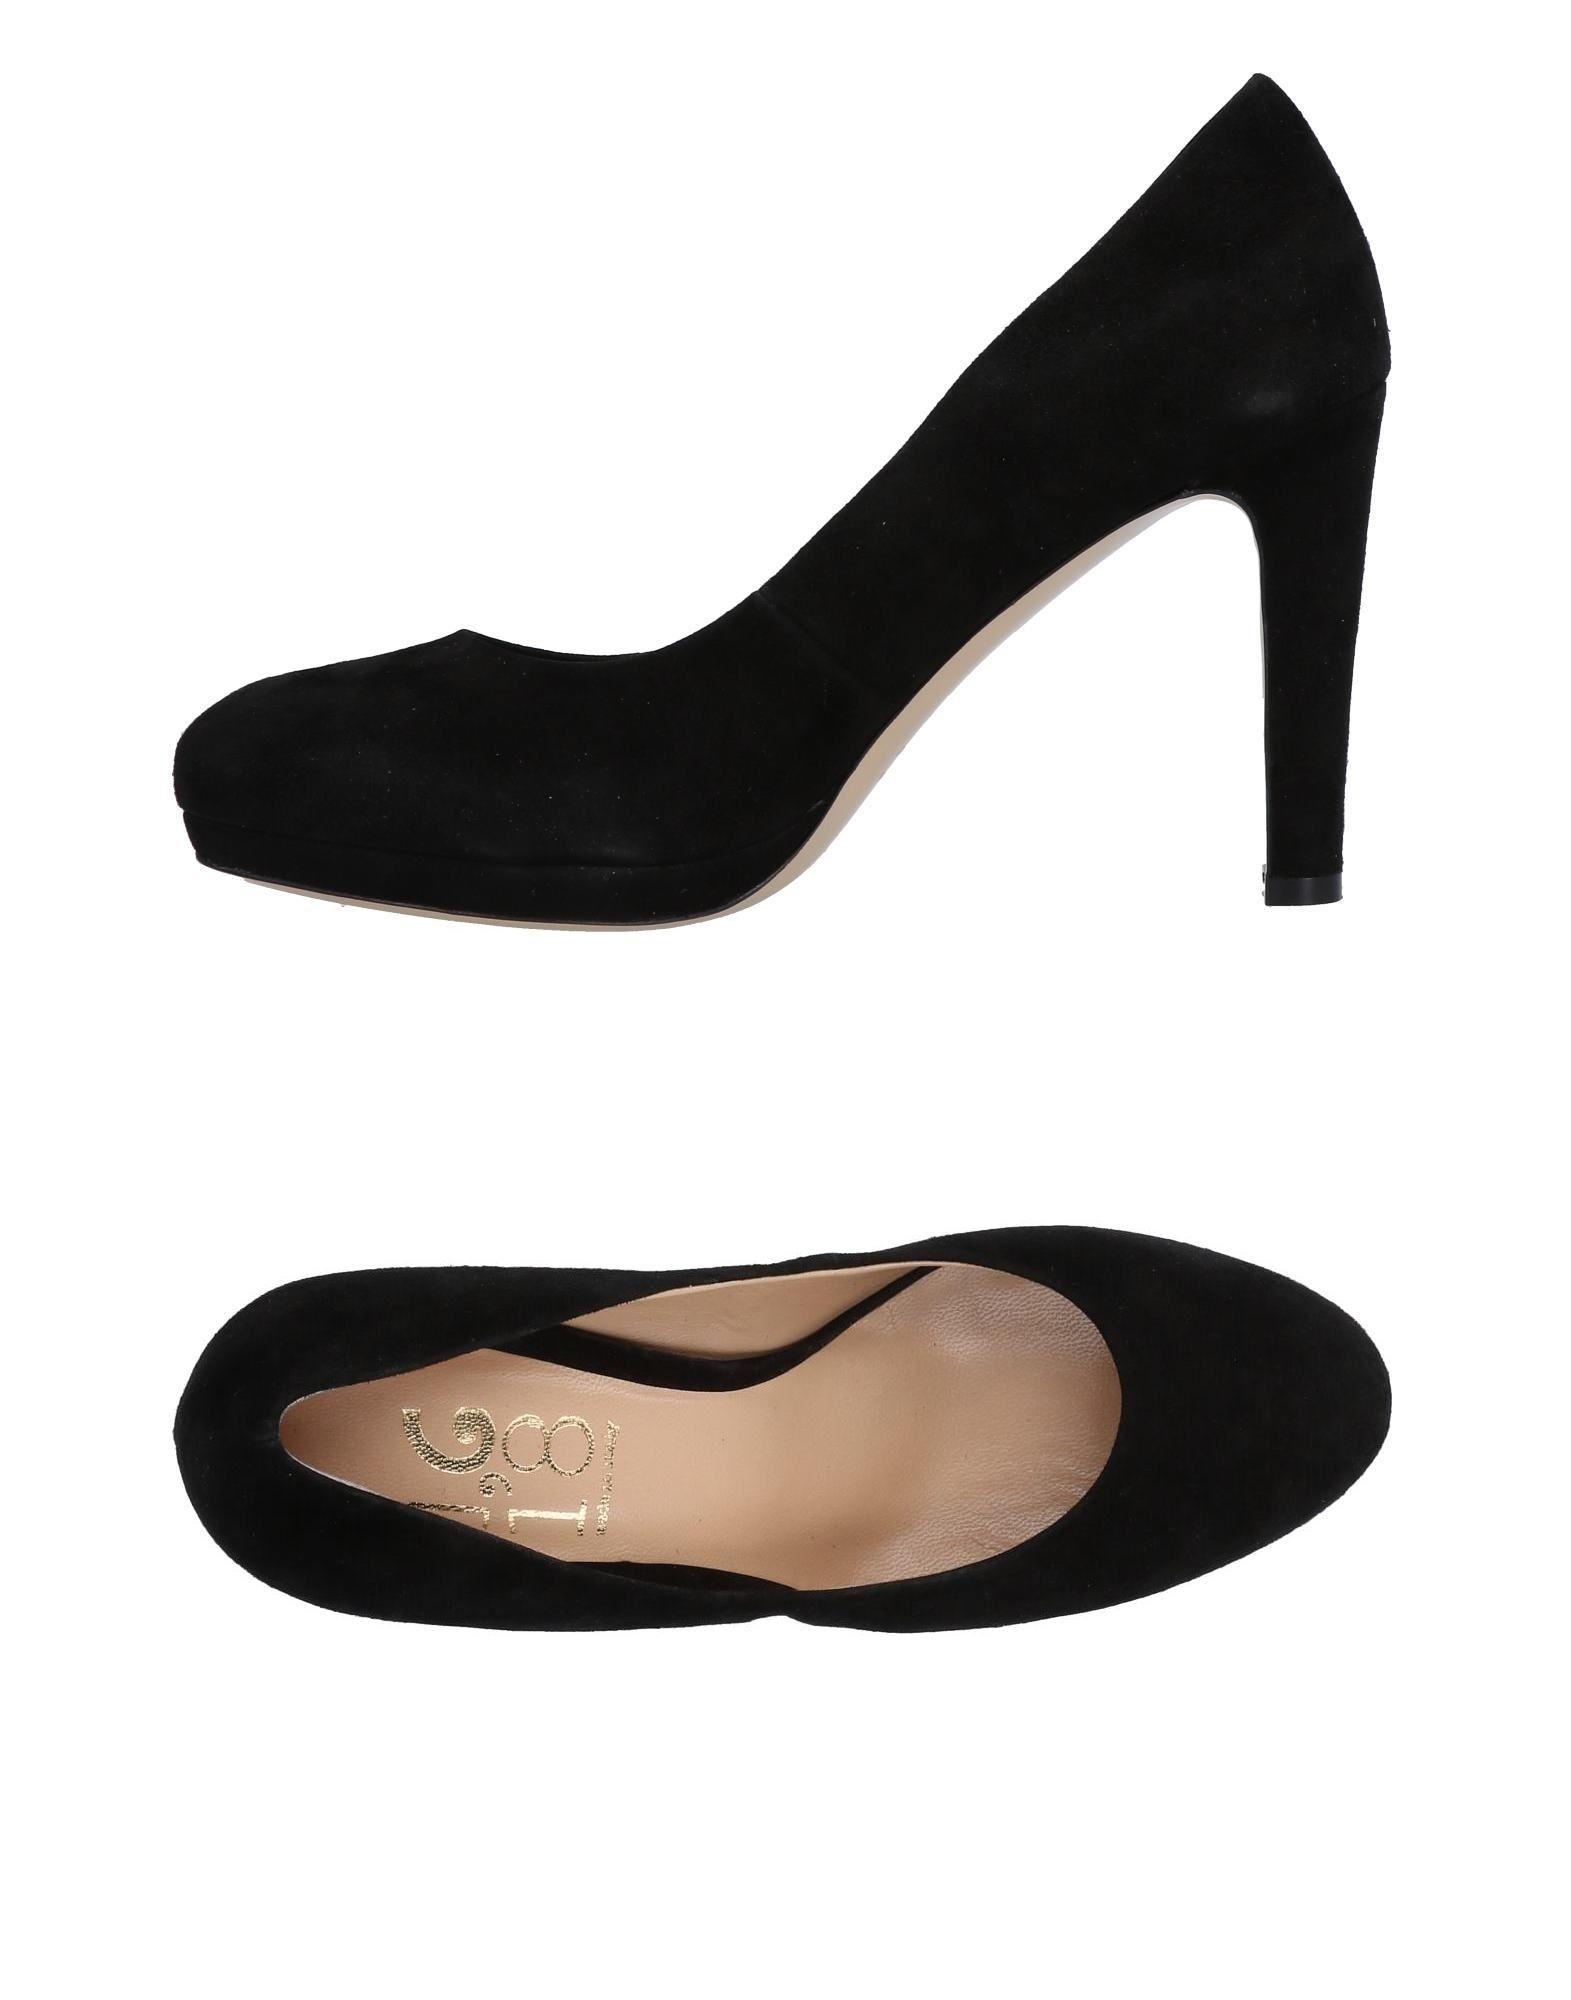 Gran descuento Zapato De Salón Salones 1,618 Mujer - Salones Salón 1,618  Negro 999b16